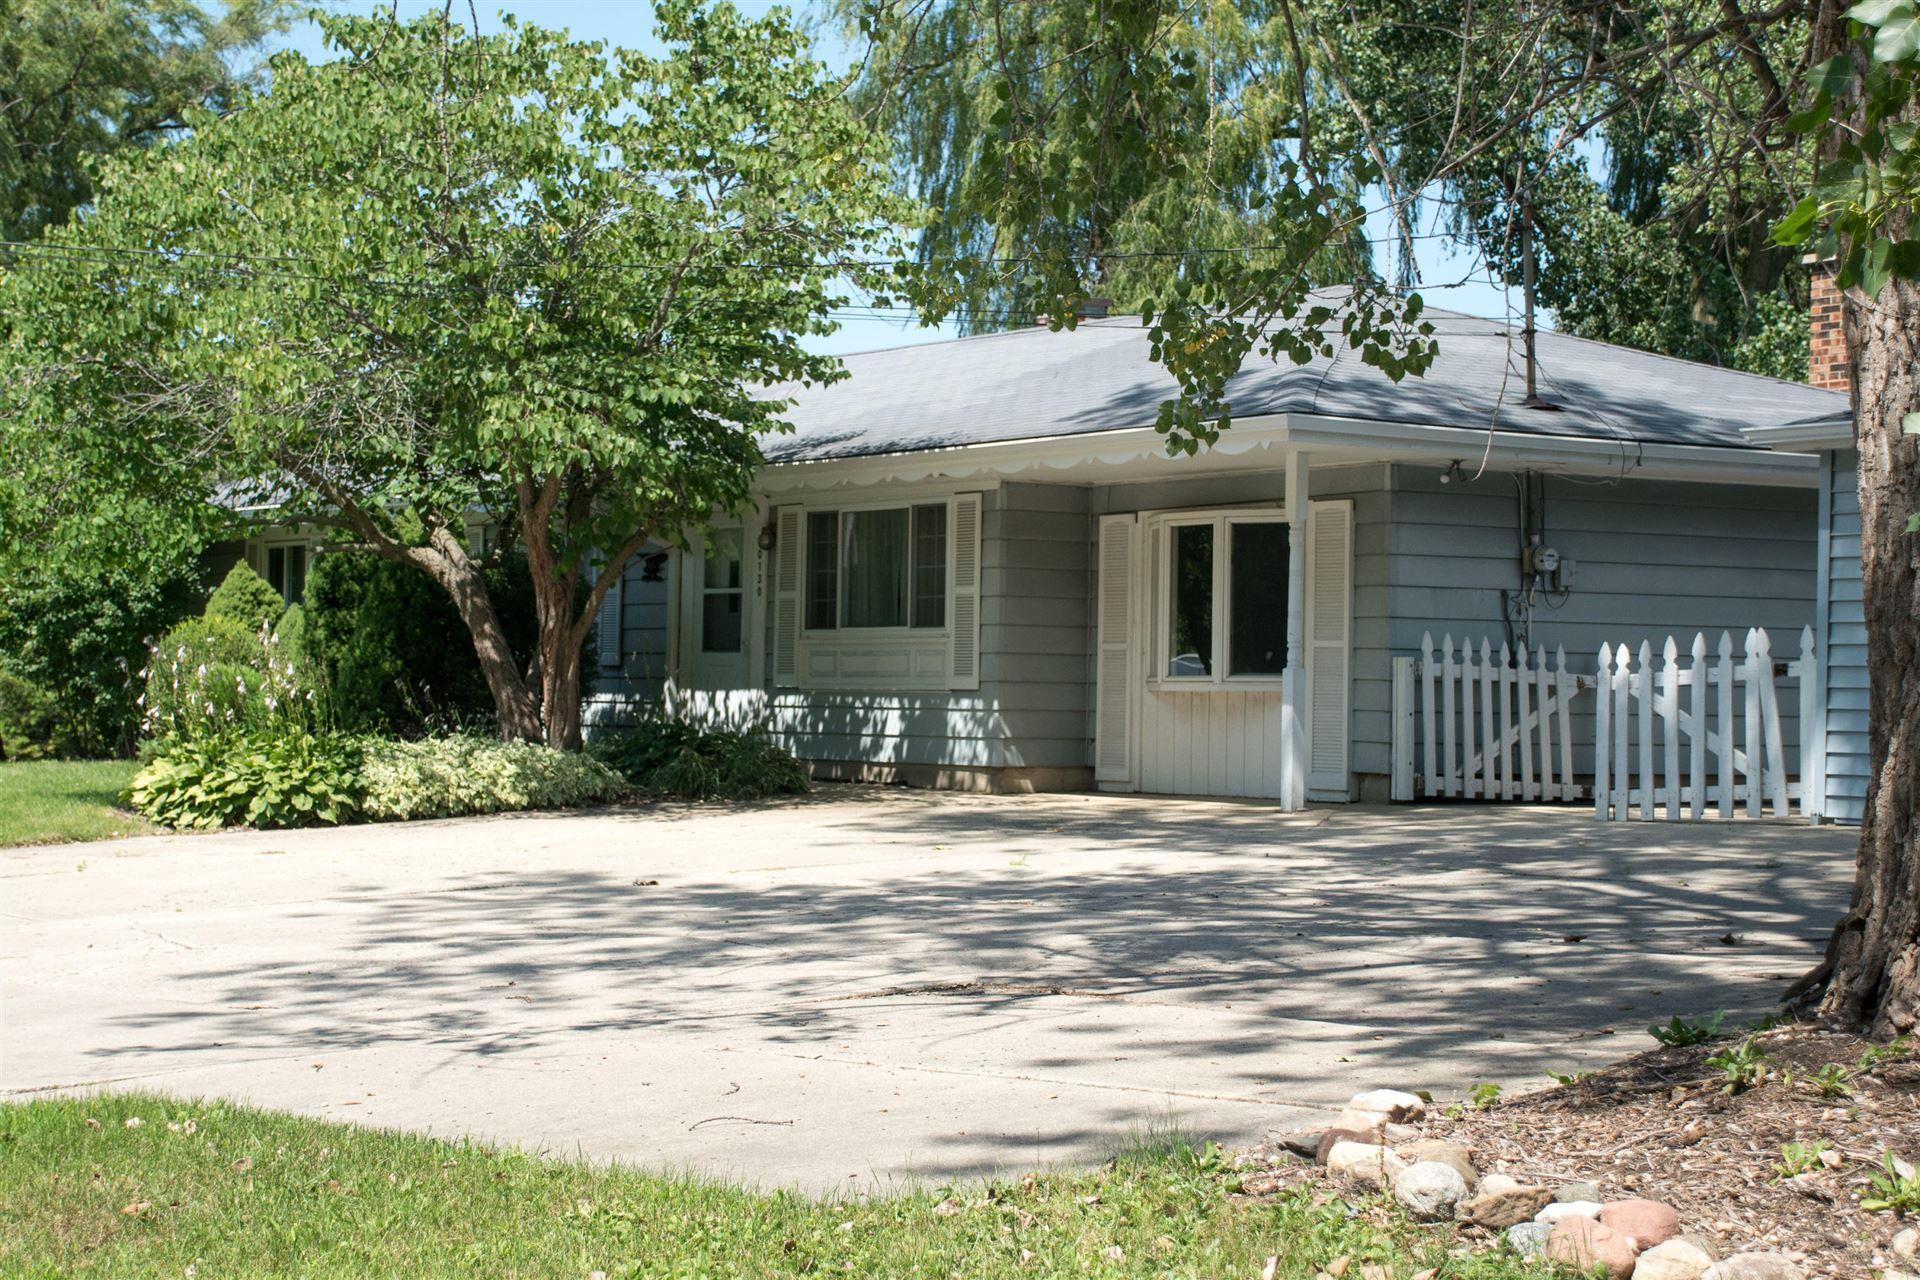 10130 11th Ave, Pleasant Prairie, WI 53158 - #: 1702200